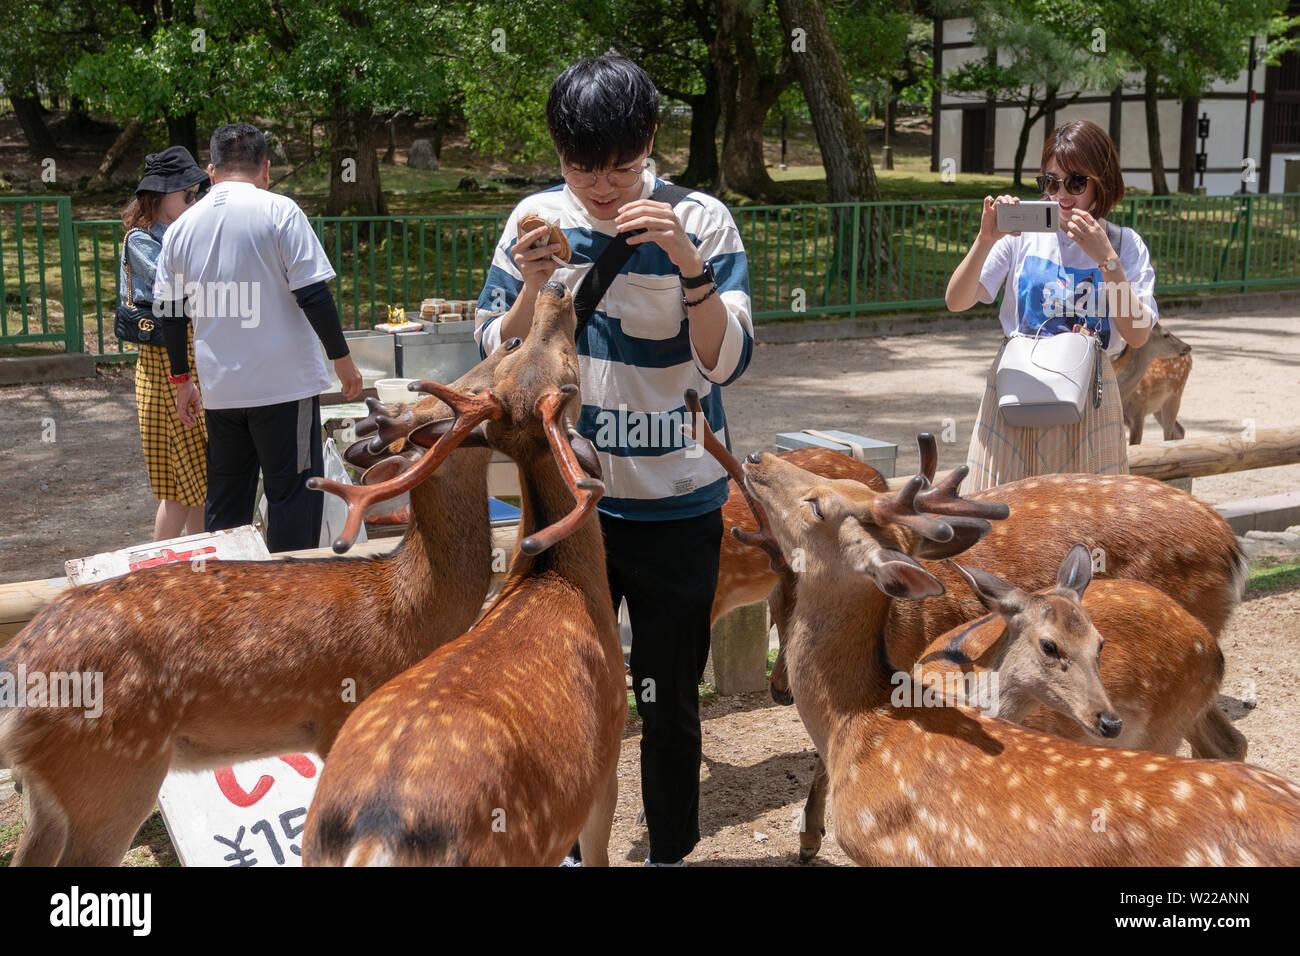 Deer roaming in the streets of Nara, Japan - Stock Image